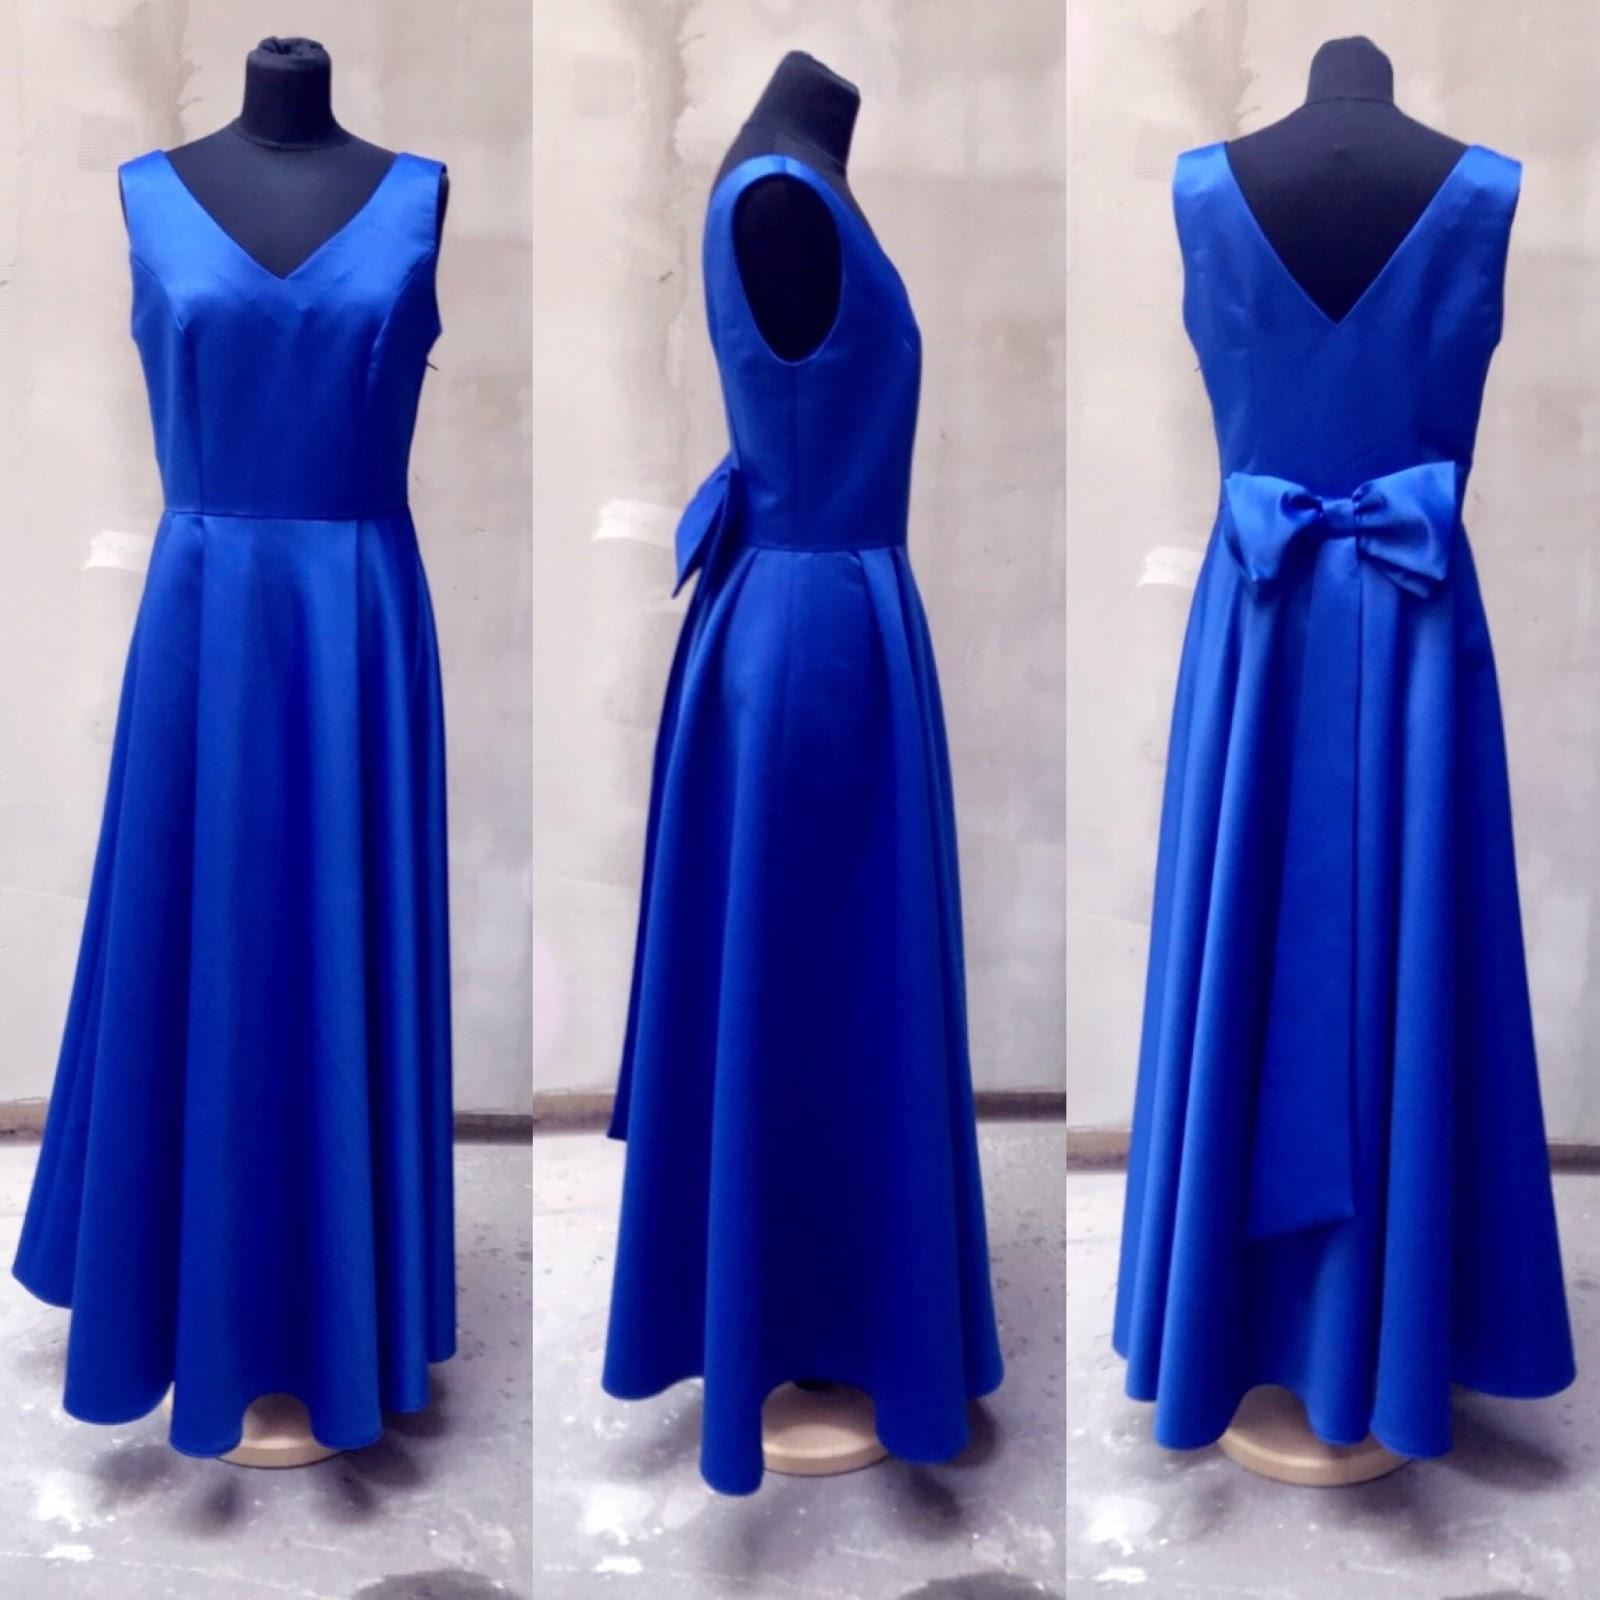 handmade: modré spoločenské šaty s veľkou mašlou // stylingové tipy